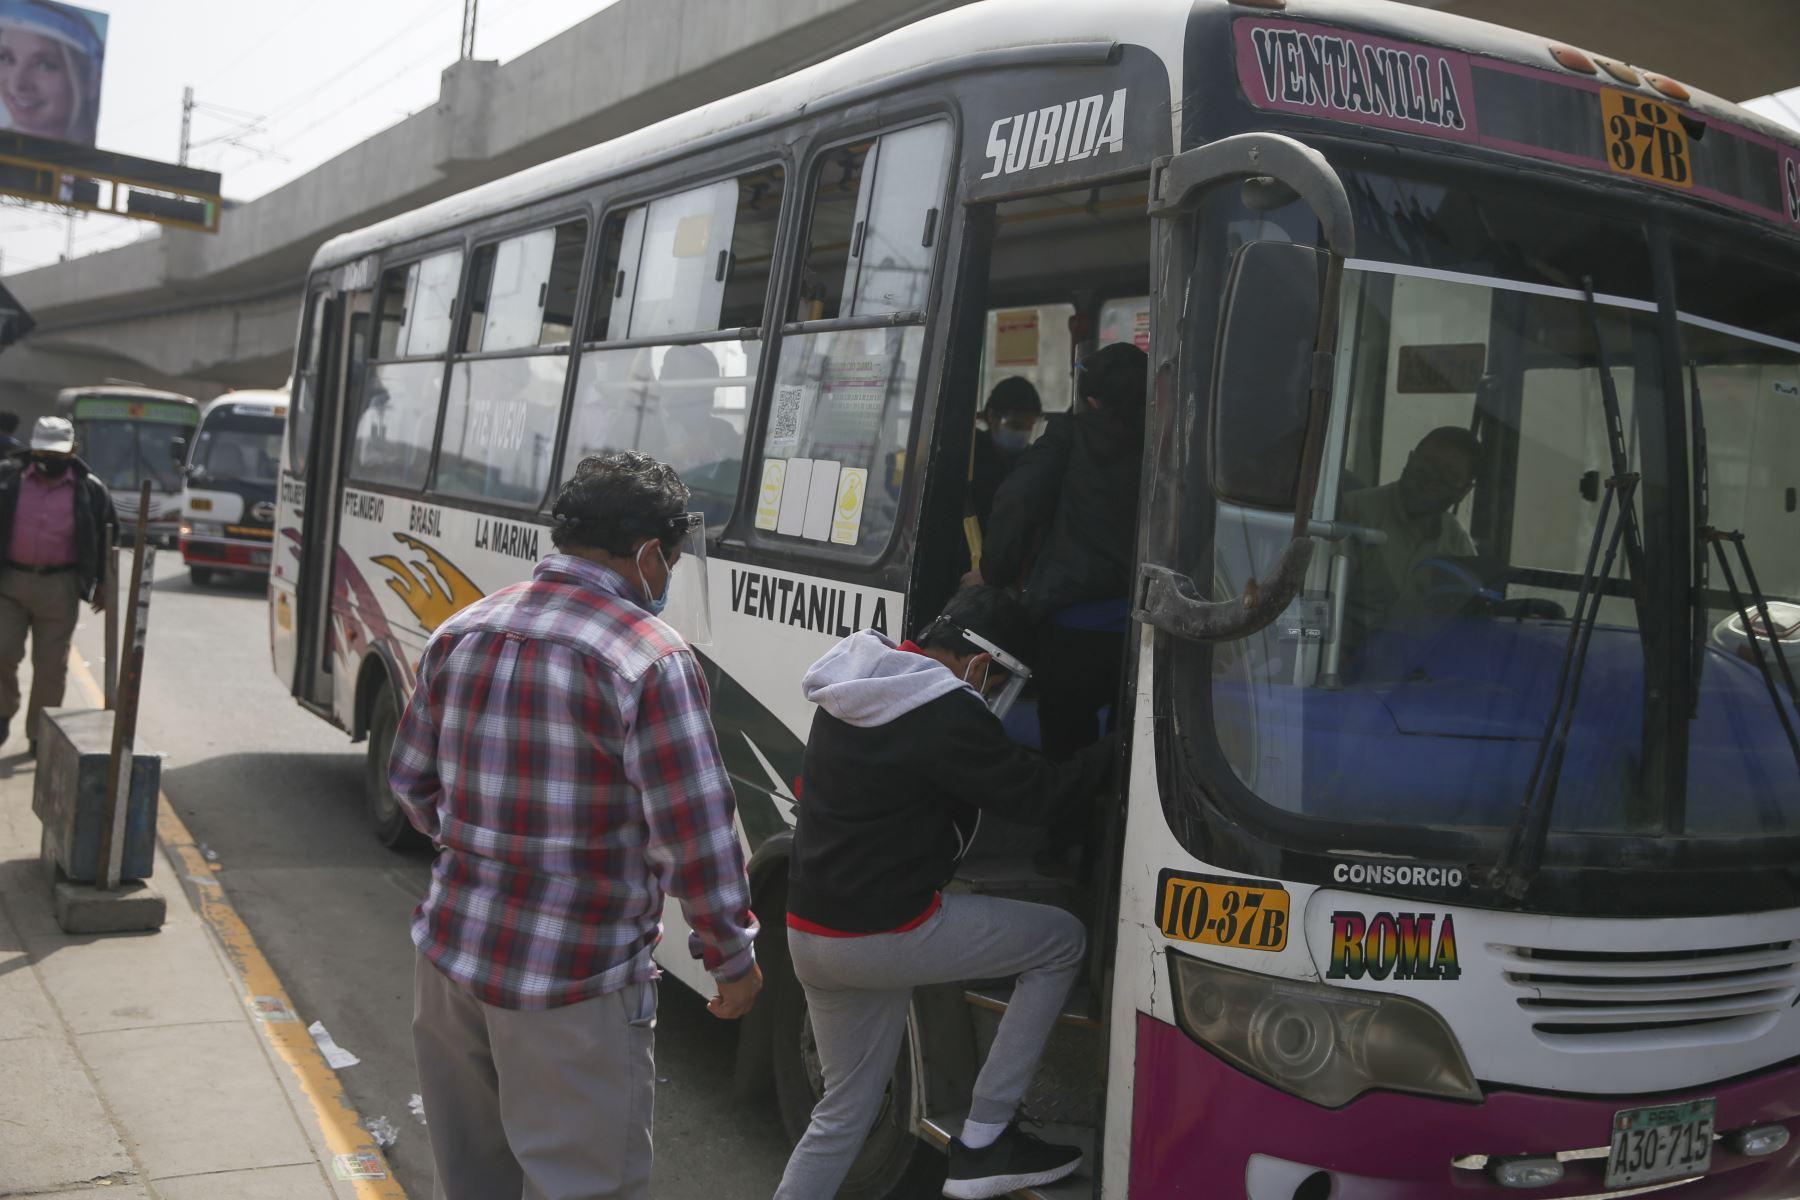 Un grupo de personas aborda el bus en un paradero de San Juan de Lurigancho. Foto: ANDINA/Jhonel Rodríguez